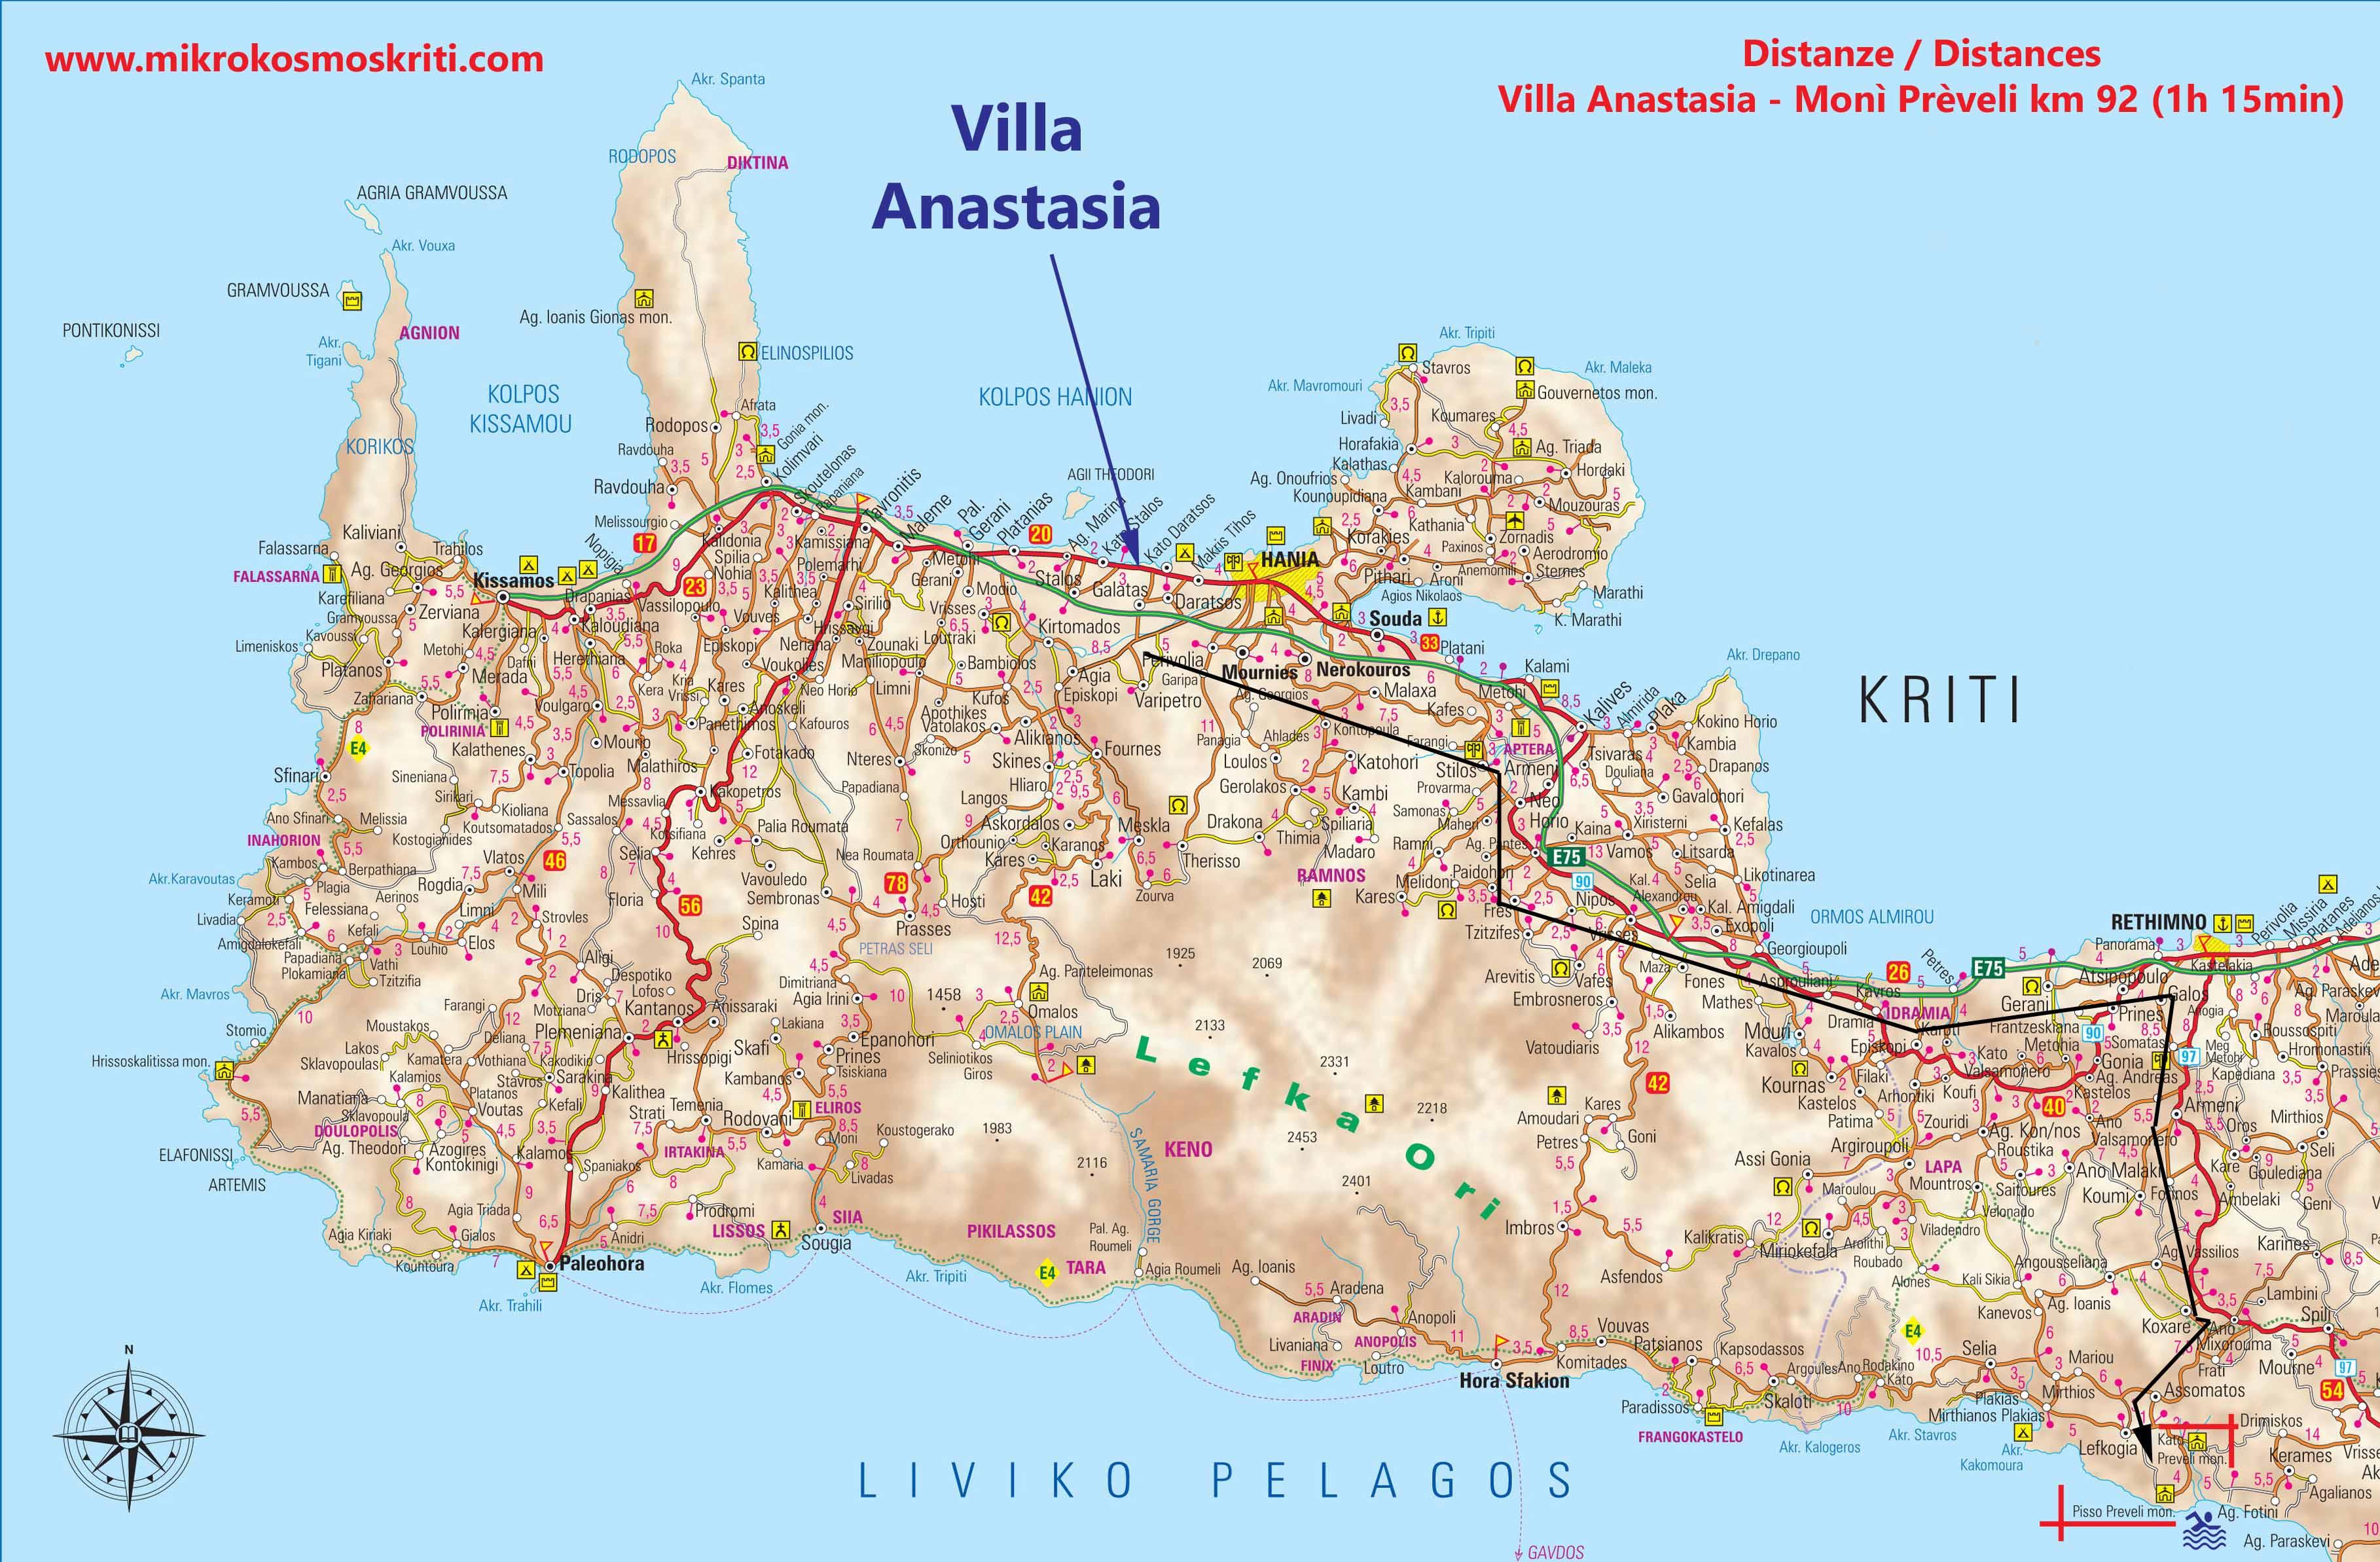 mappa moni preveli